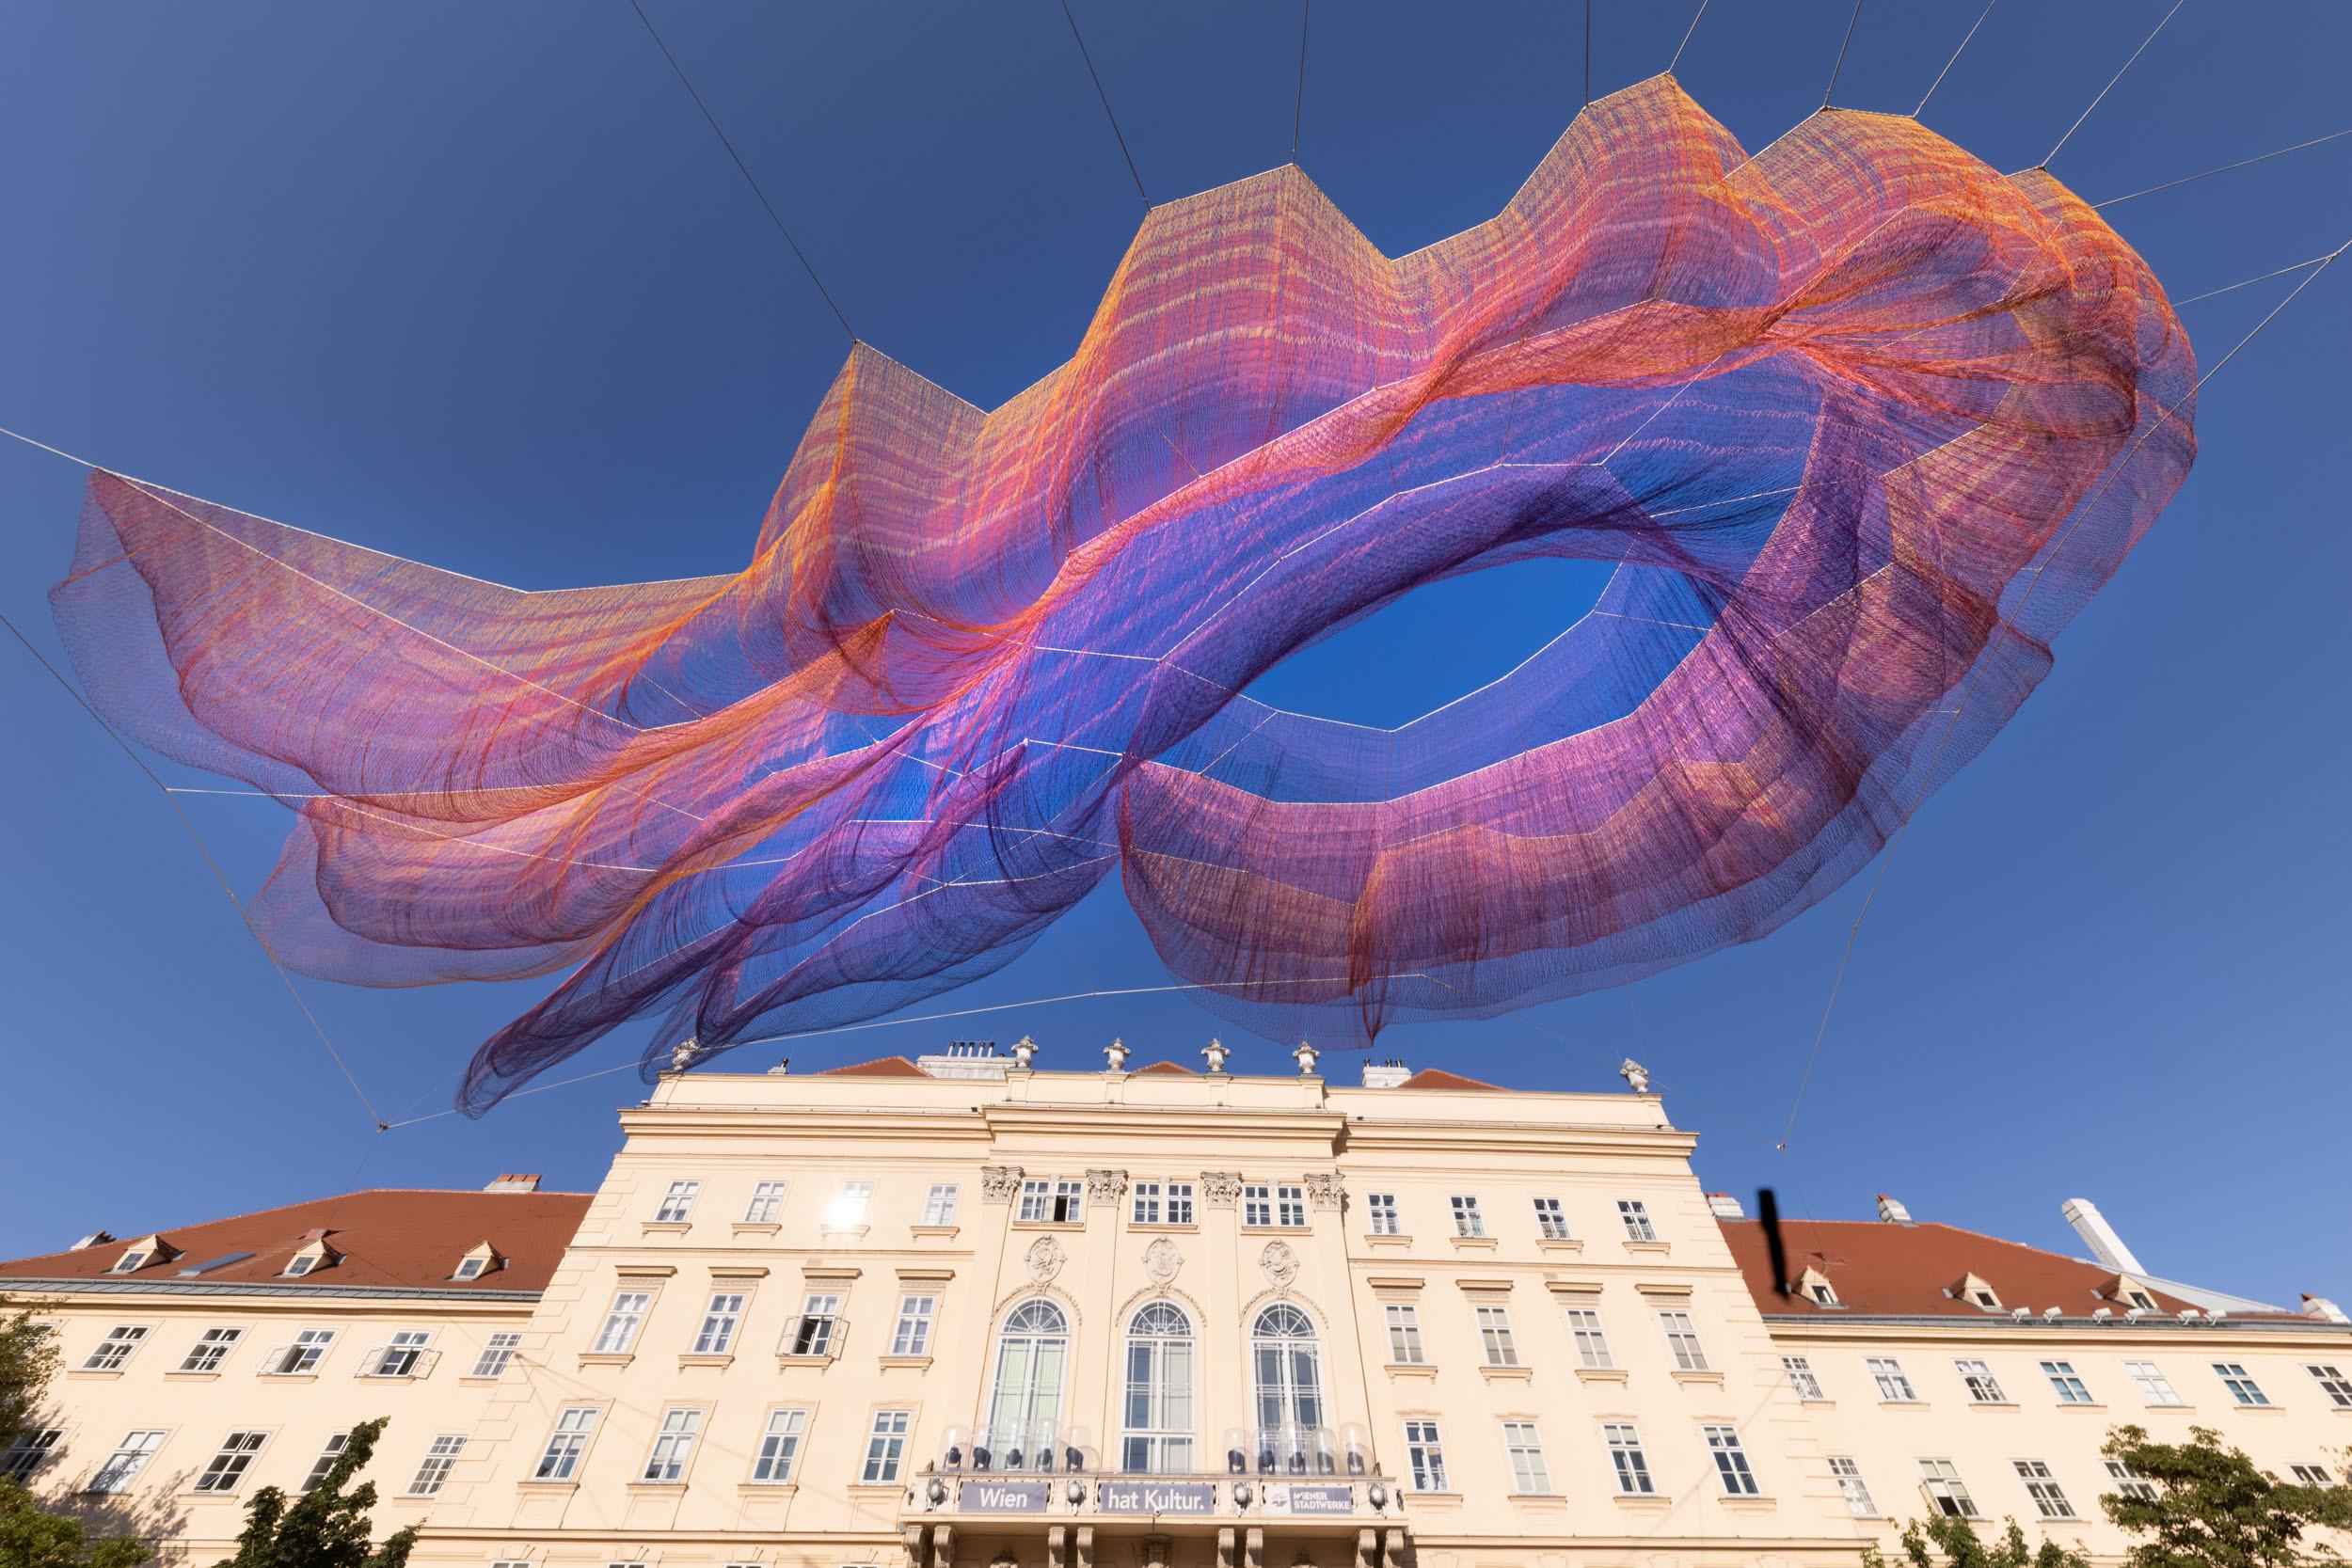 eSeL Foto: Janet Echelman - Earth Time 1.78 (Innenhof MuseumsQuartier Wien, seit 7.9.2021)